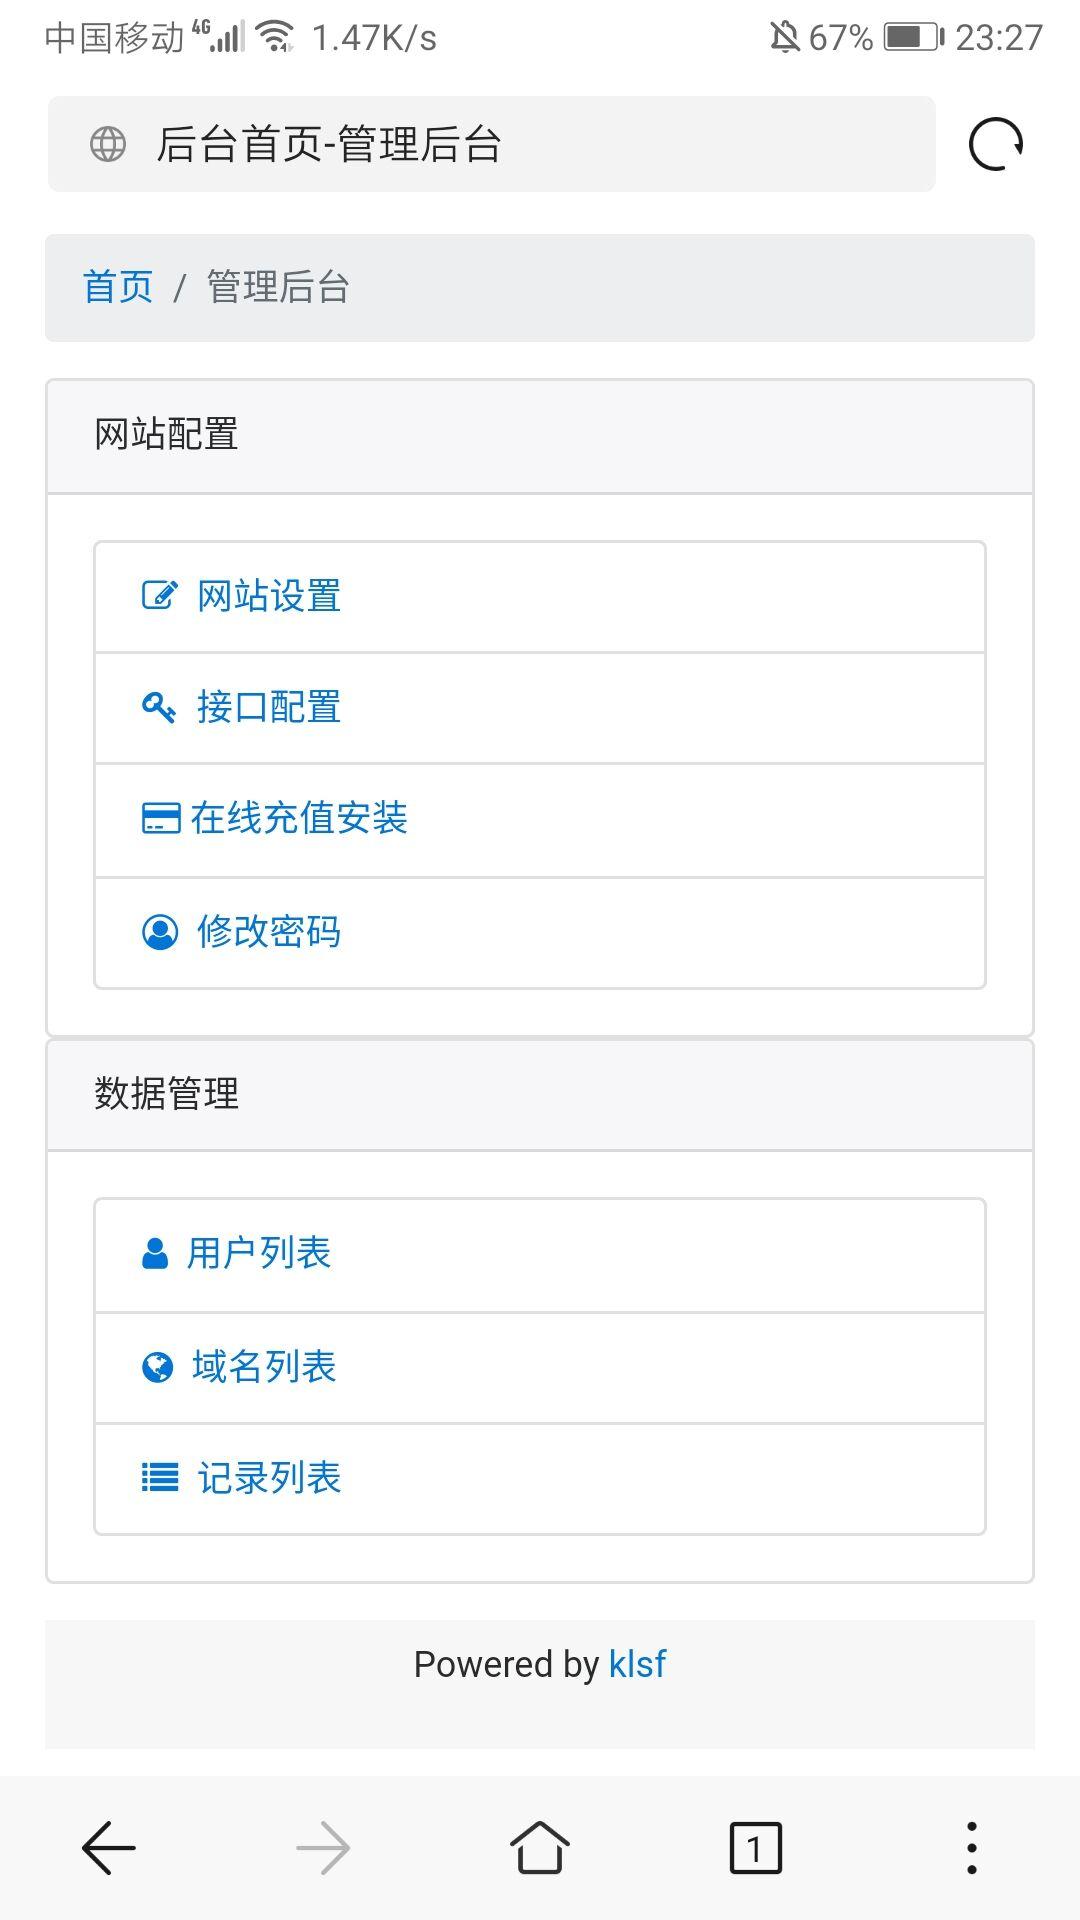 二级域名分发系统_接口分享